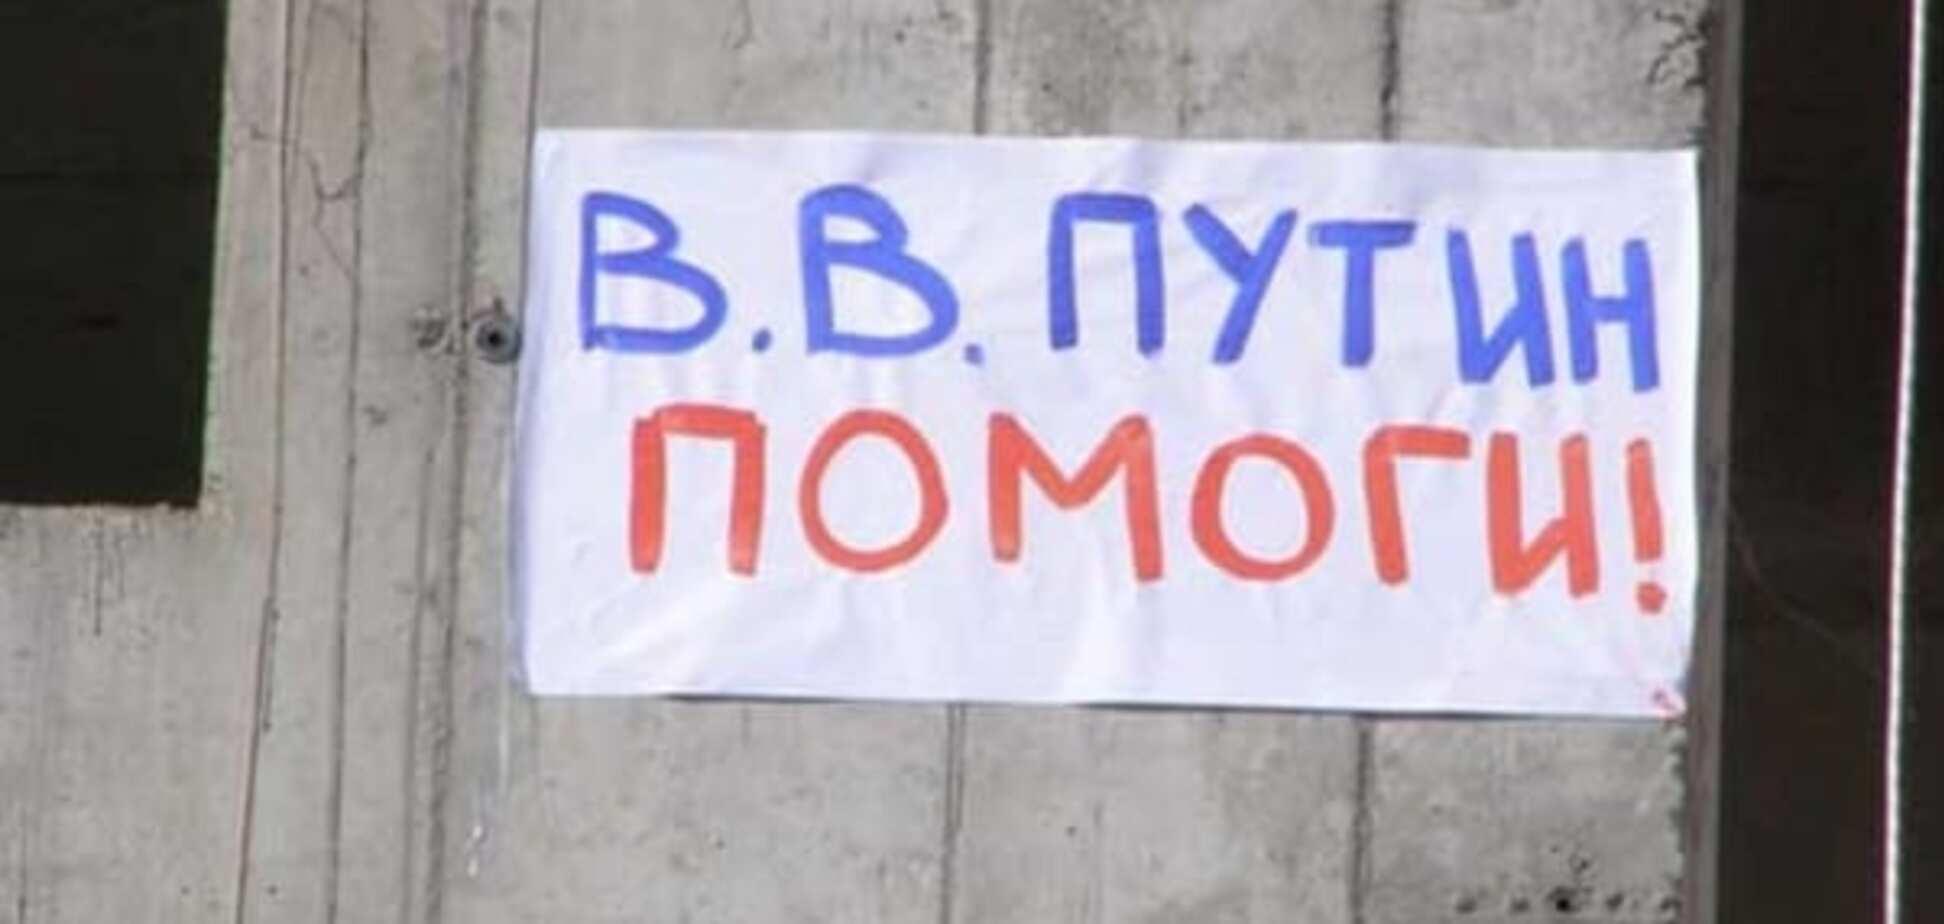 Володимир Володимирович, звільни! У мережі показали відео з неадекватним 'путінофілом'